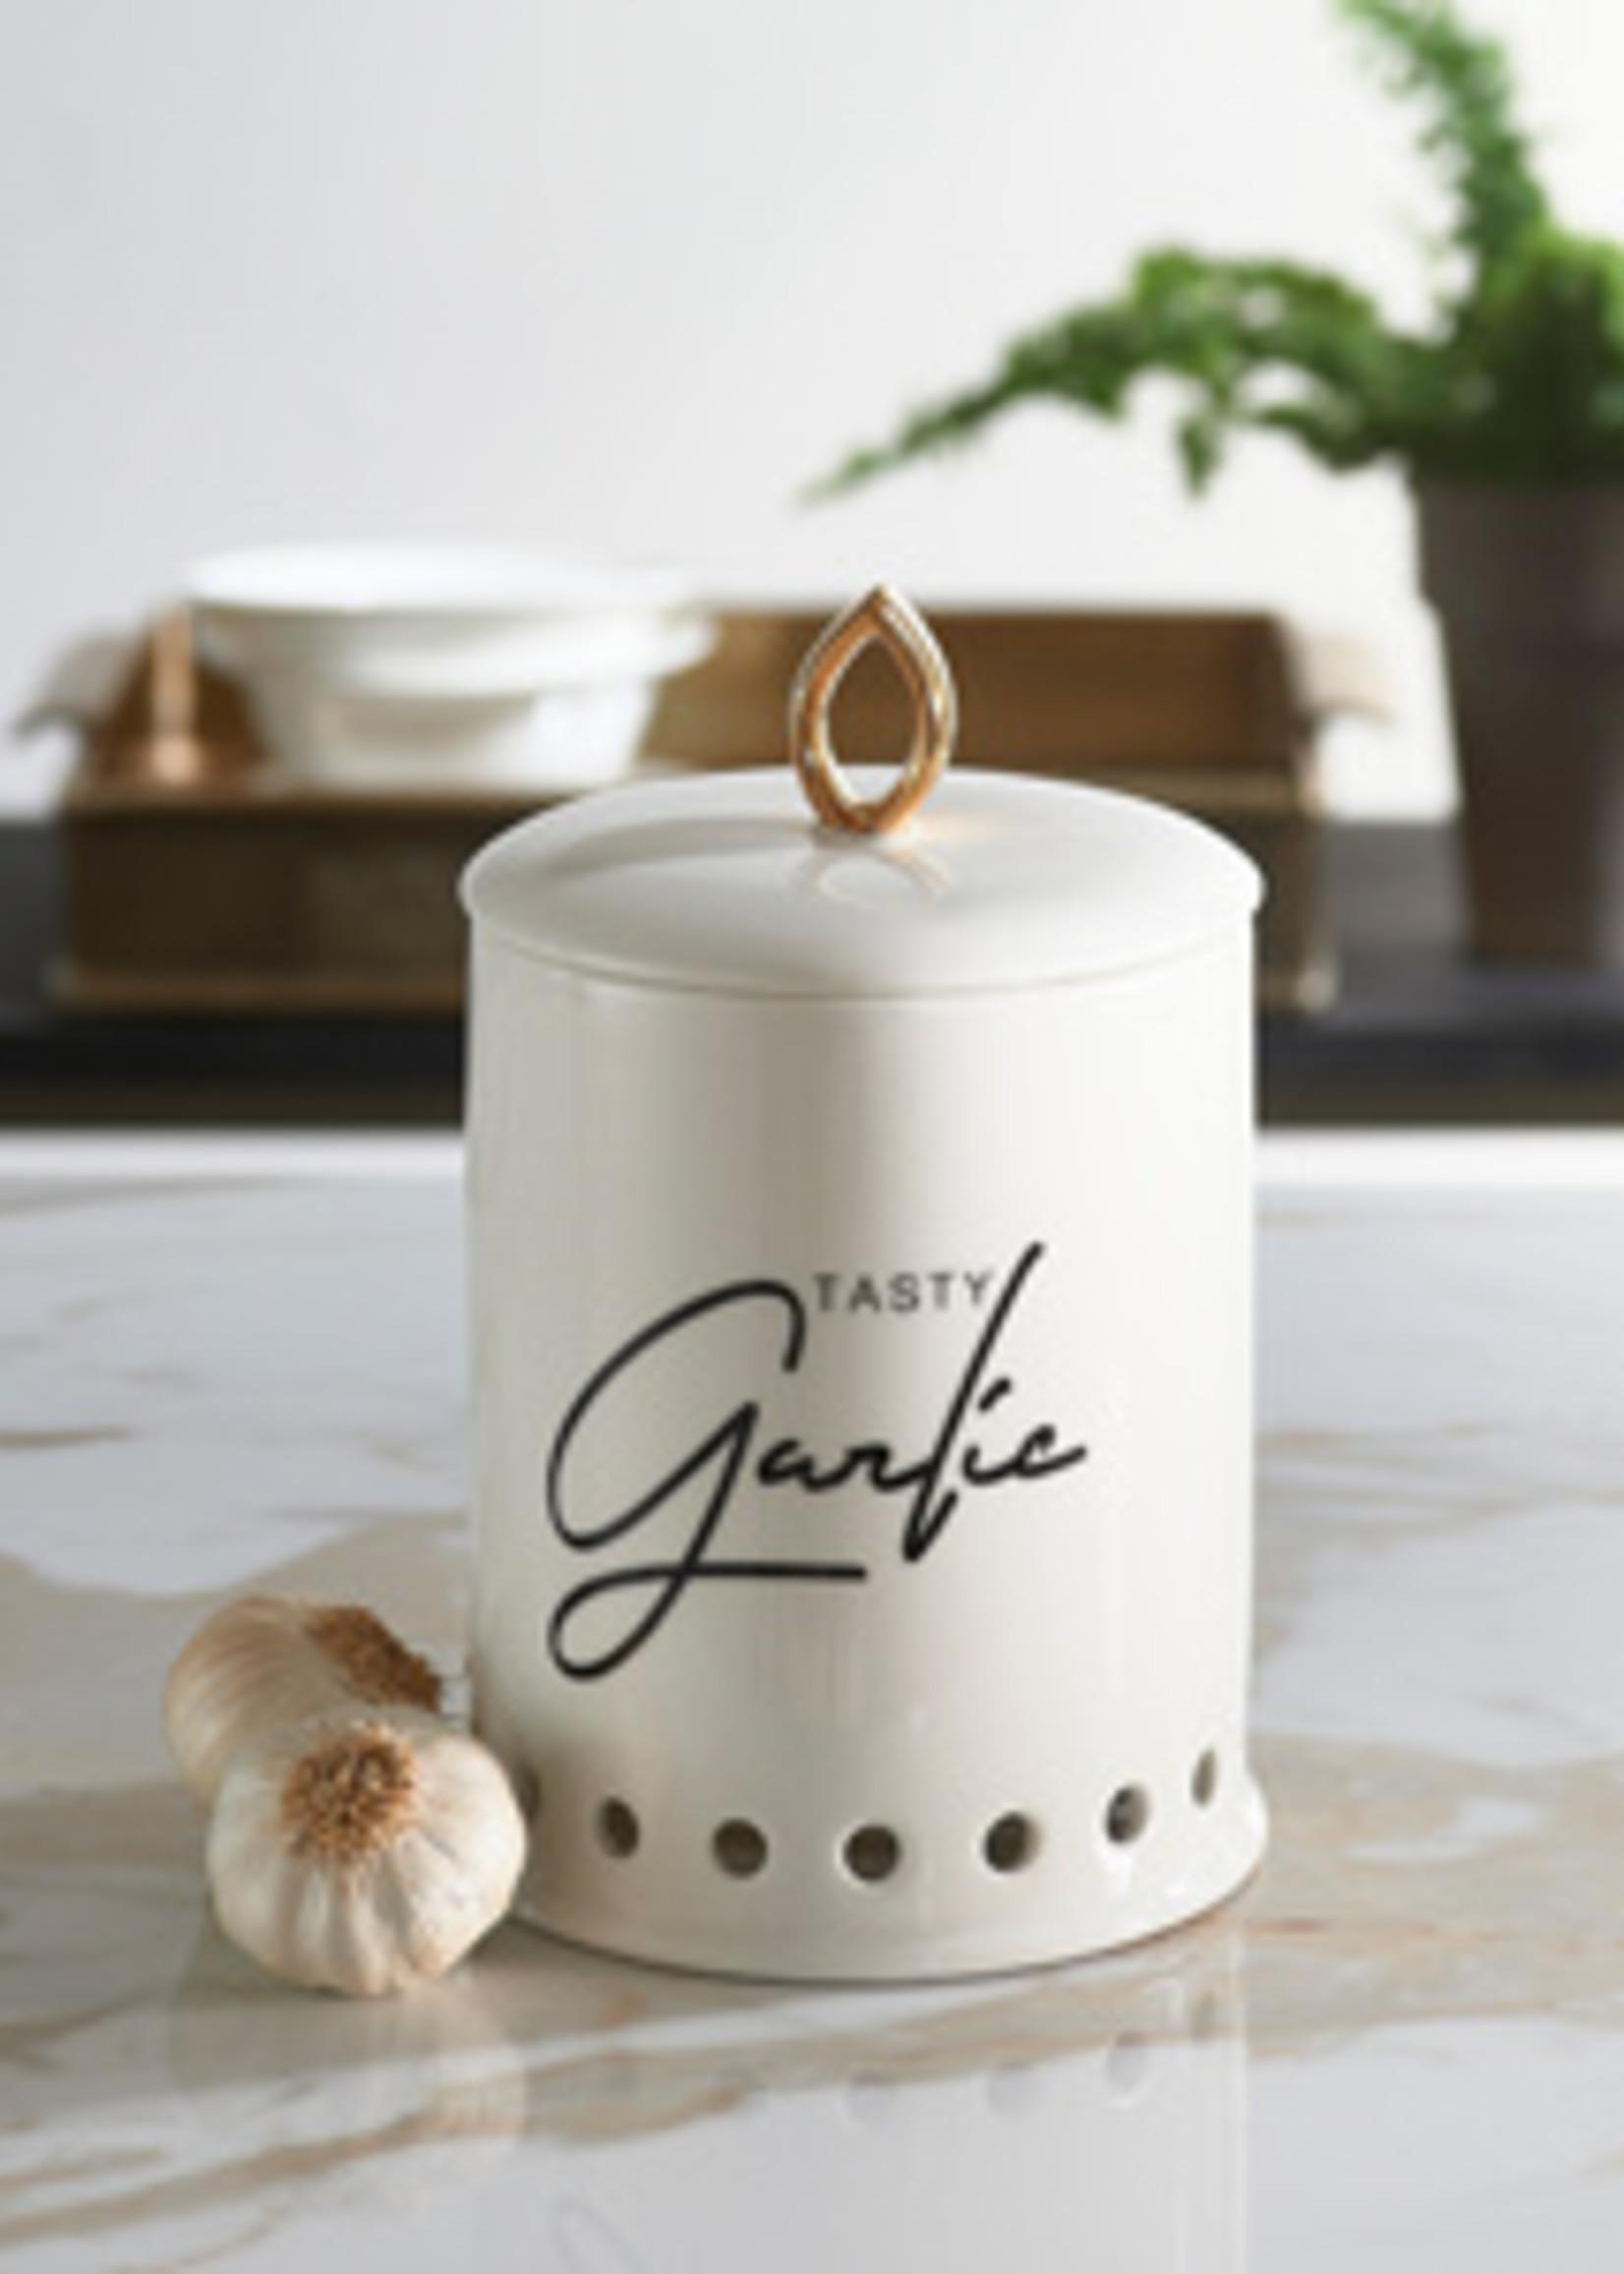 Riviera Maison Tasty Garlic Storage Jar